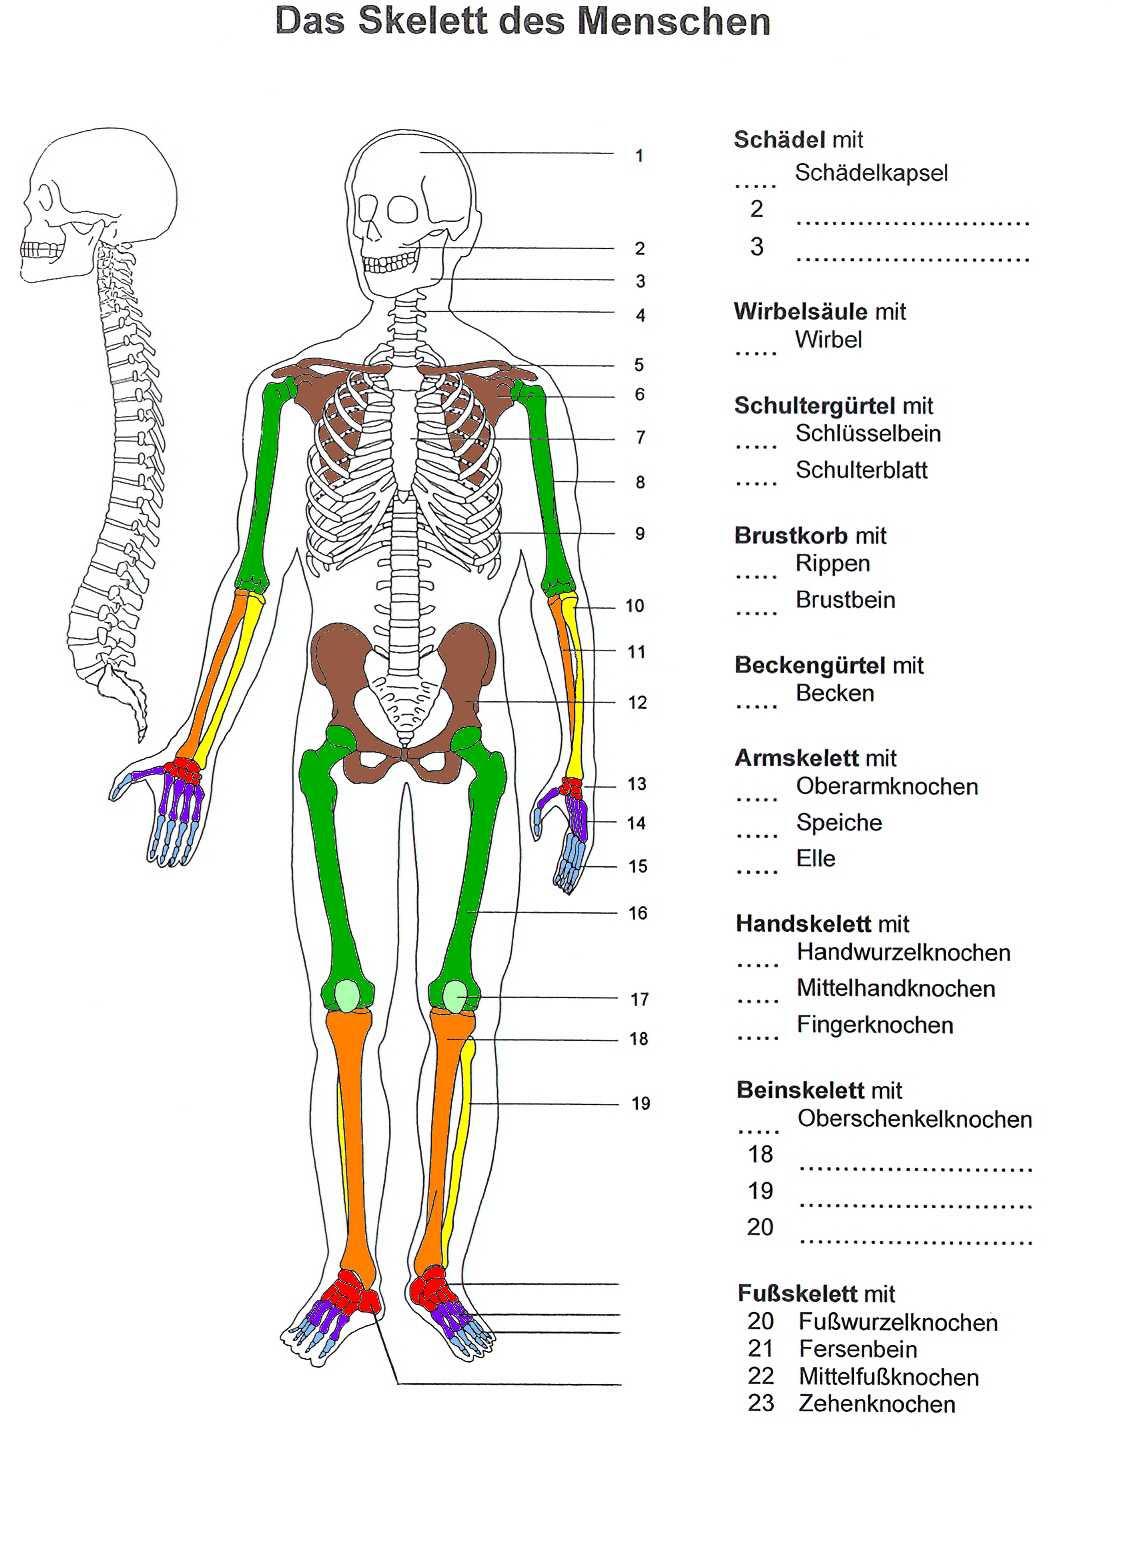 20 Skelett Zum Ausdrucken   Besten Bilder von ausmalbilder